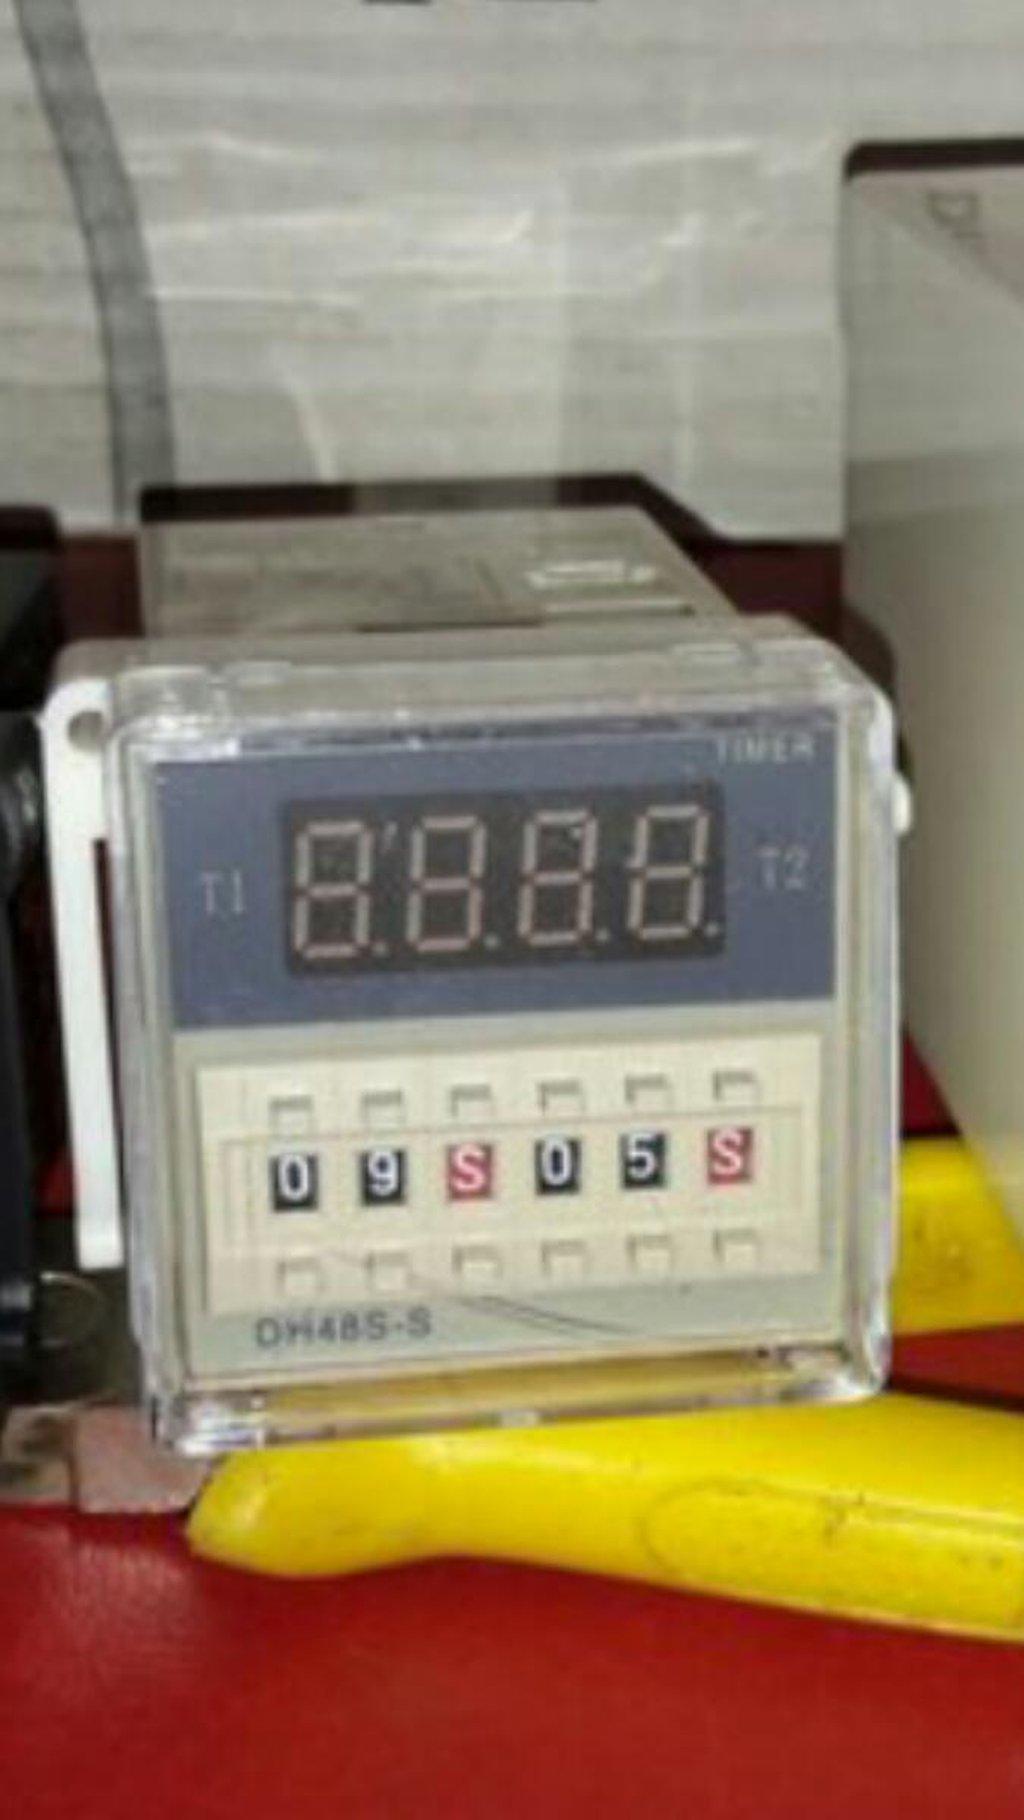 İnkubator inqubator üçün timer(taymer)